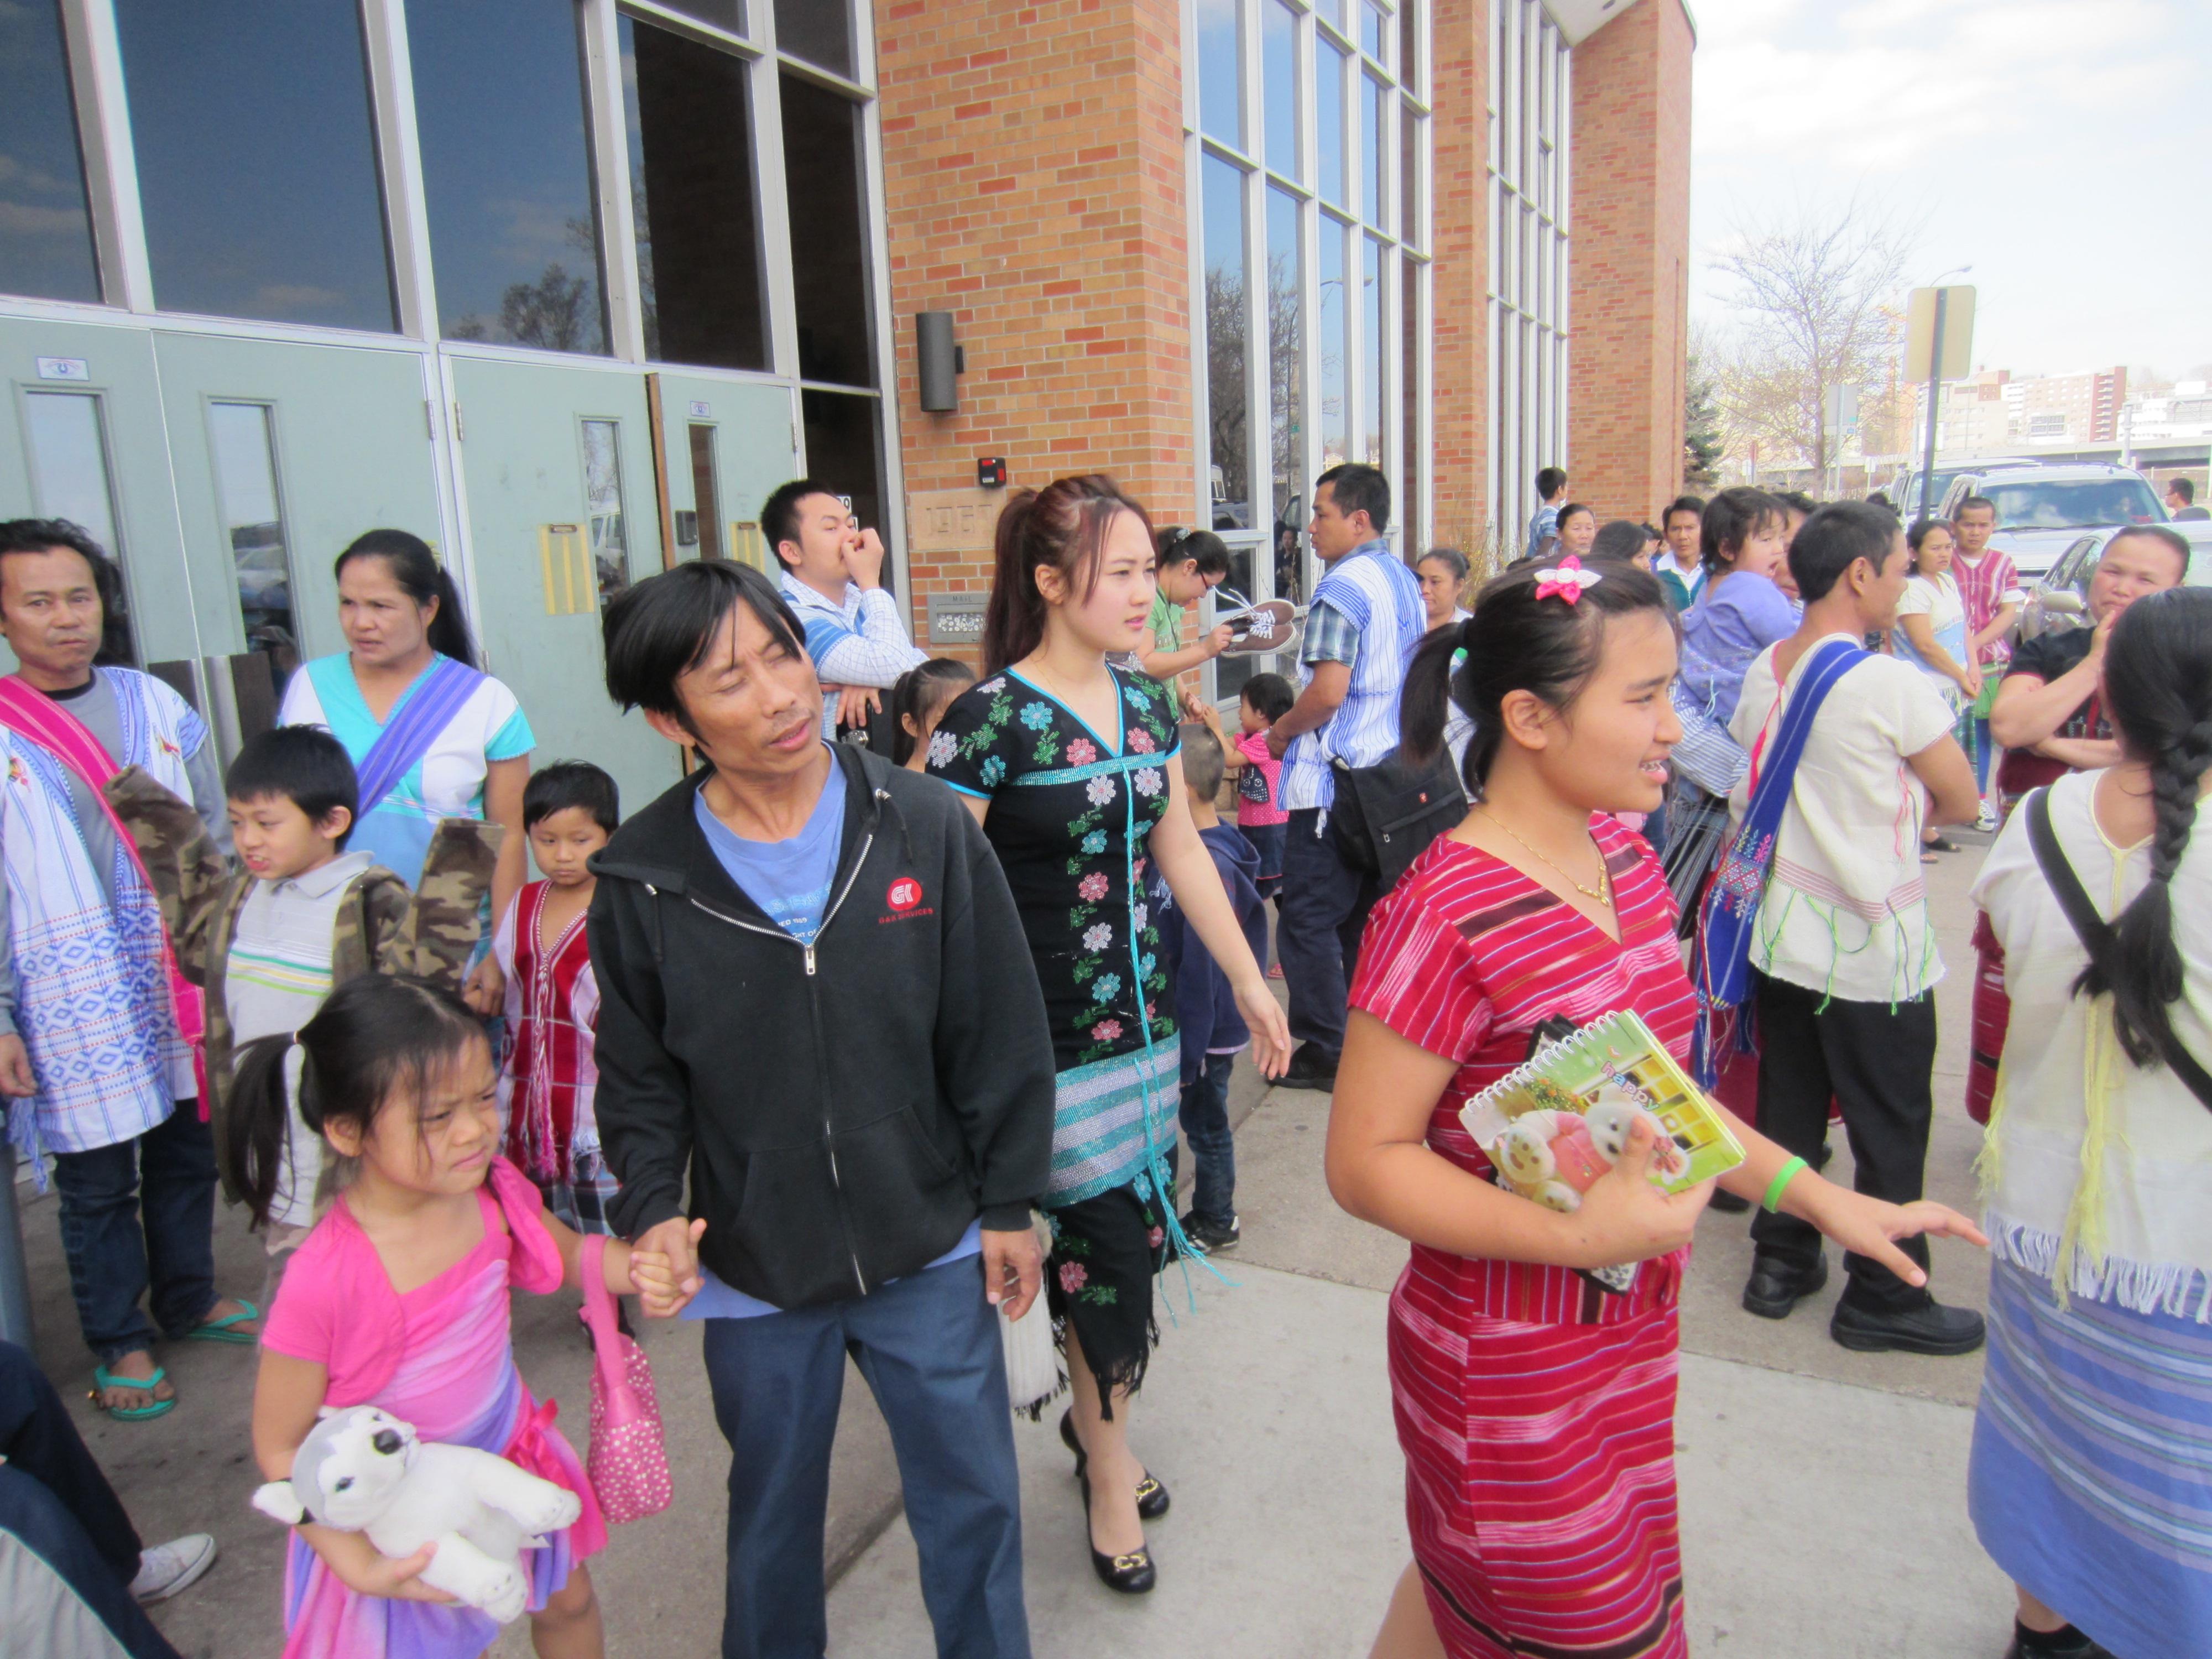 Third Home from Burma: Minnesota's Karen Community